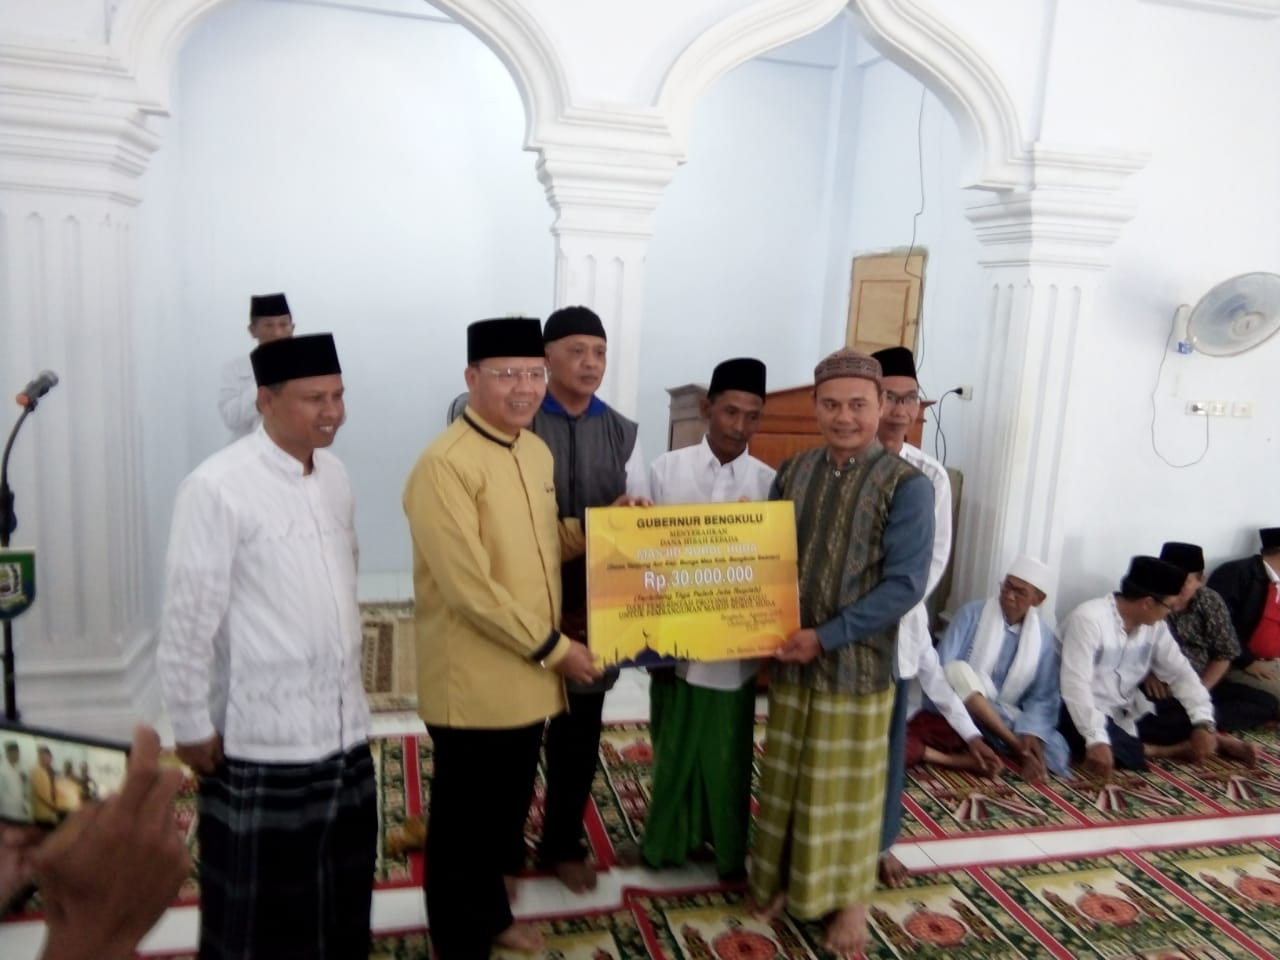 Sembari sholat jama'ah Gubernur Rohidin beri bantuan ke mesjid